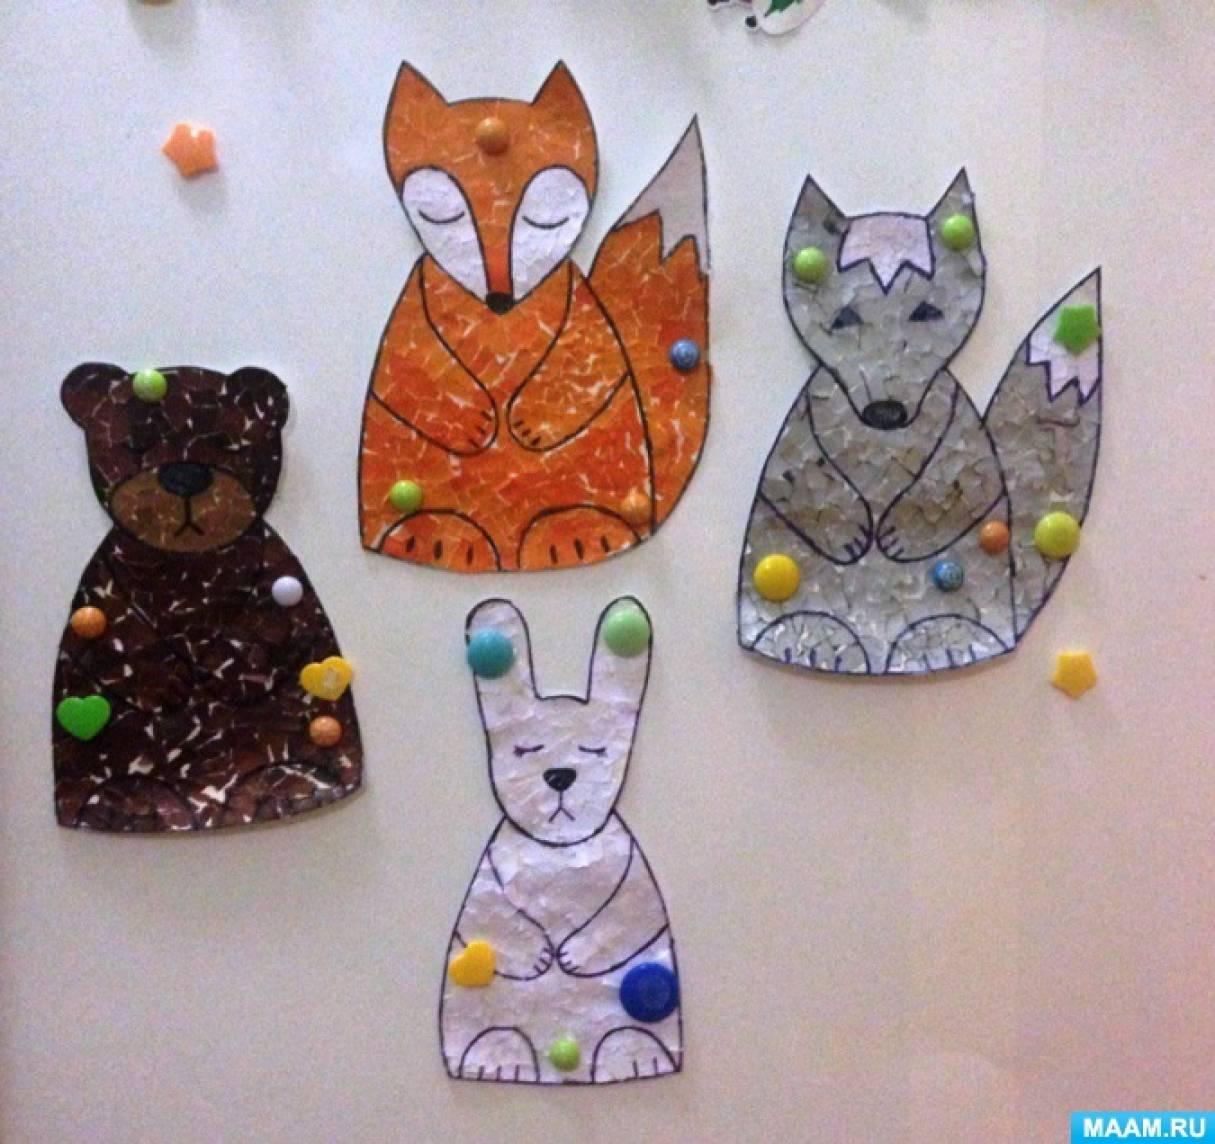 Обрывная аппликация «Зверята». Работы детей средней группы (4–5 лет) в рамках изучения темы «Дикие животные»